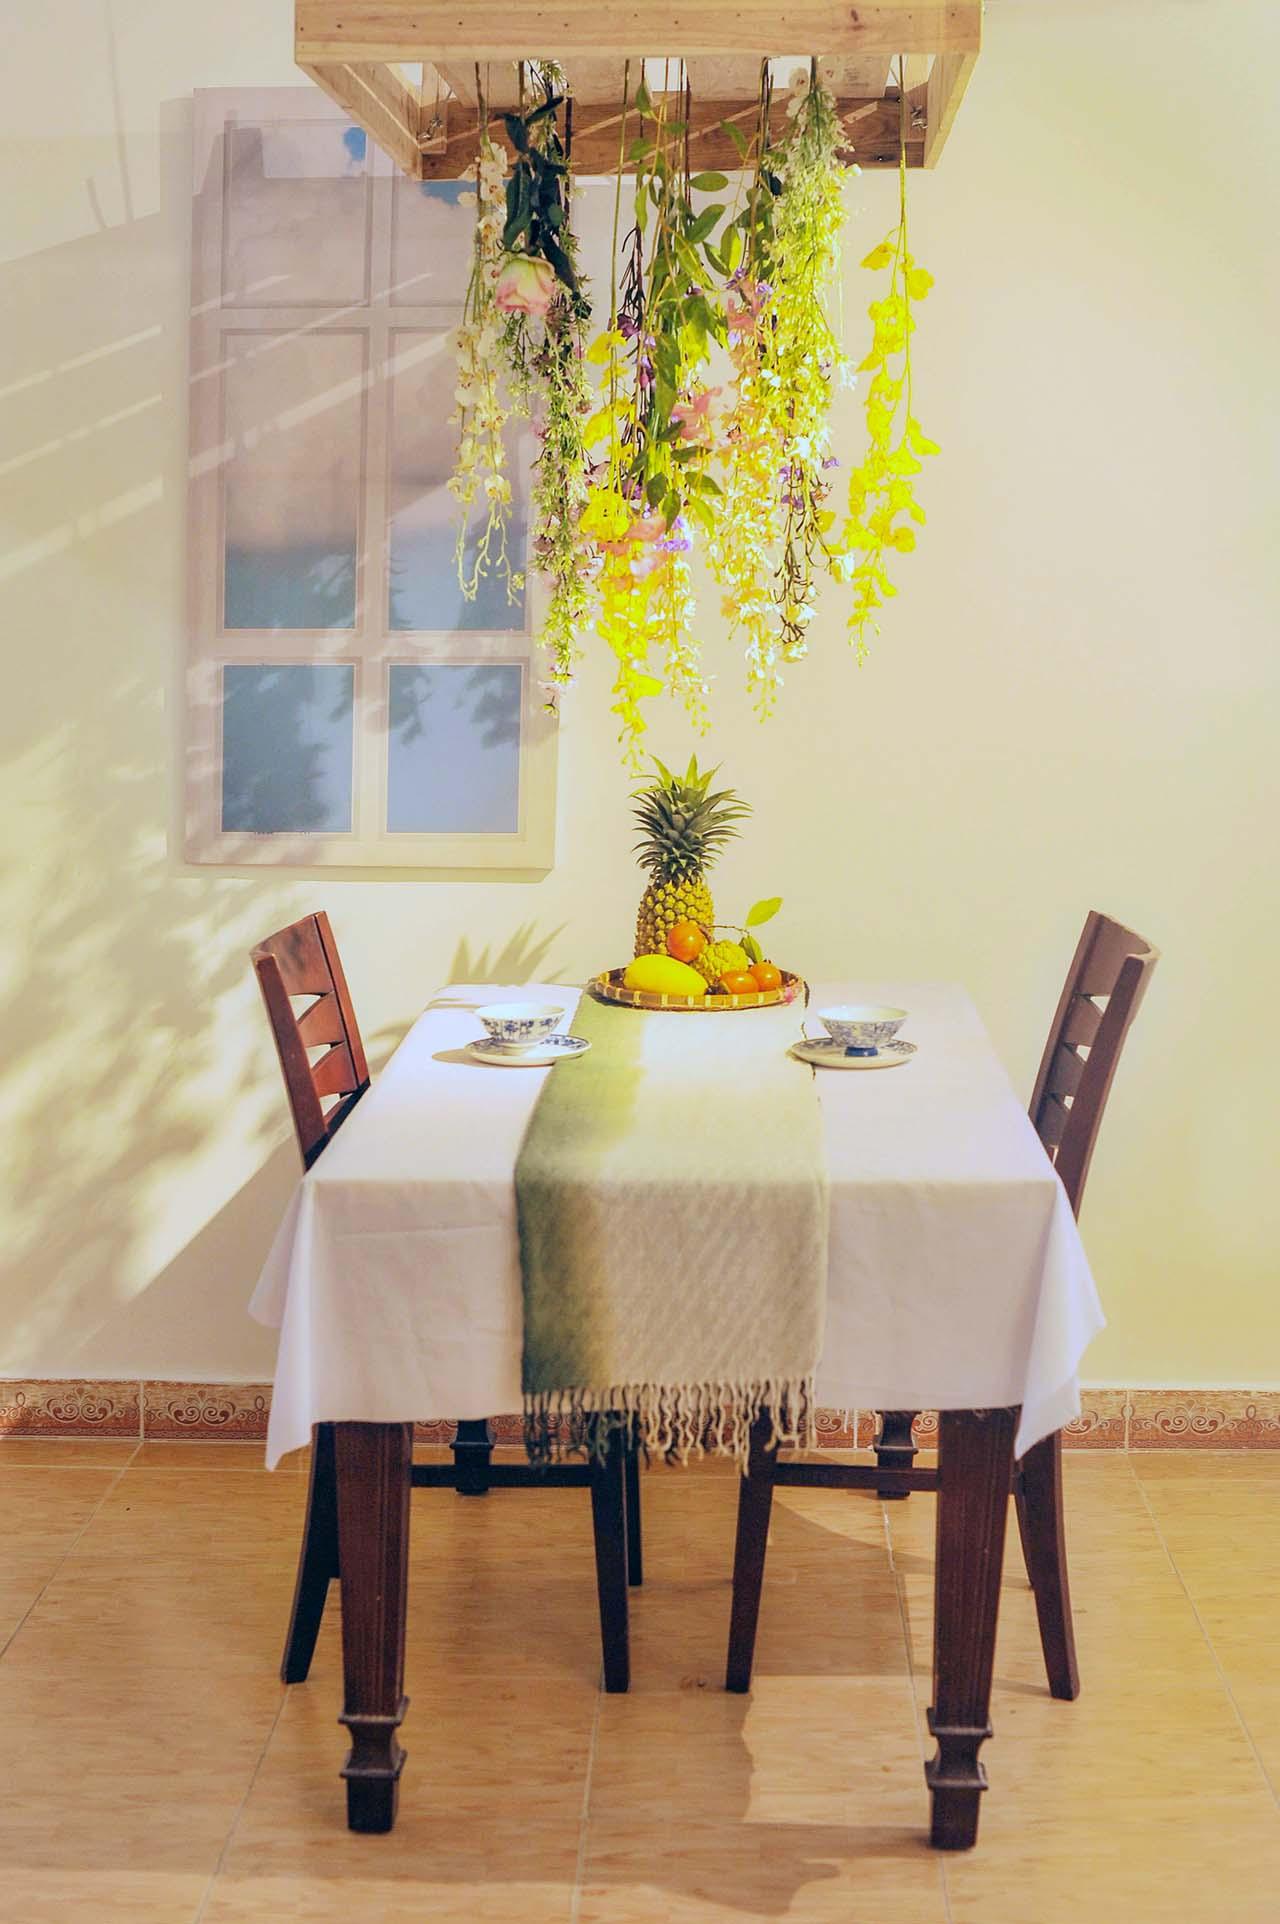 02 kitchenyellowSM.jpg